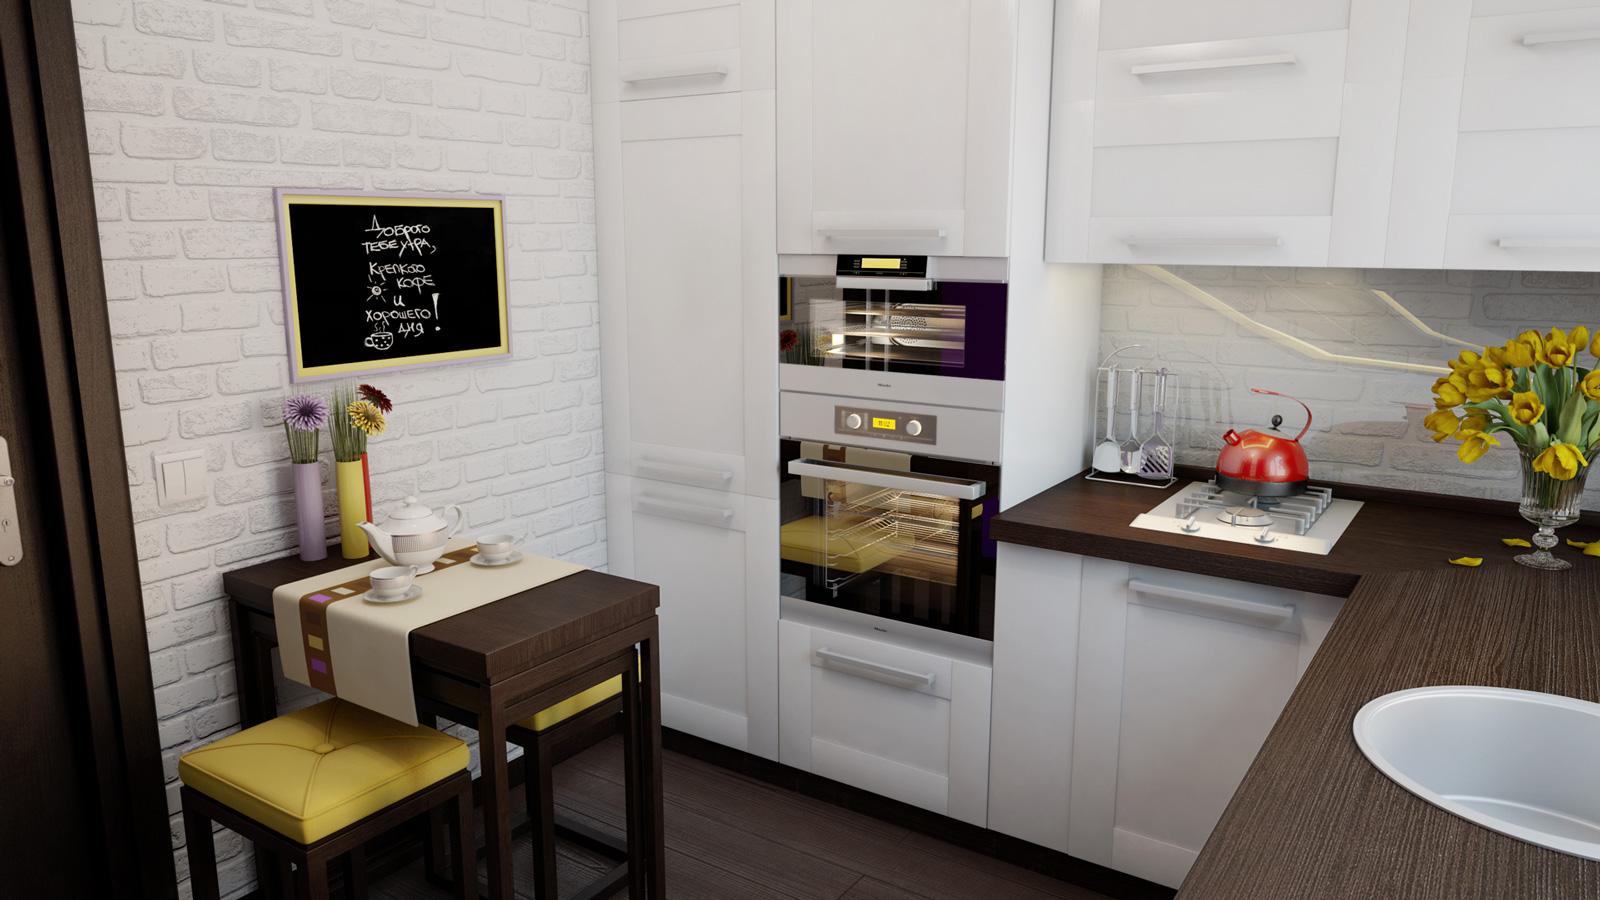 Как стильно и функционально обустроить маленькую кухню?